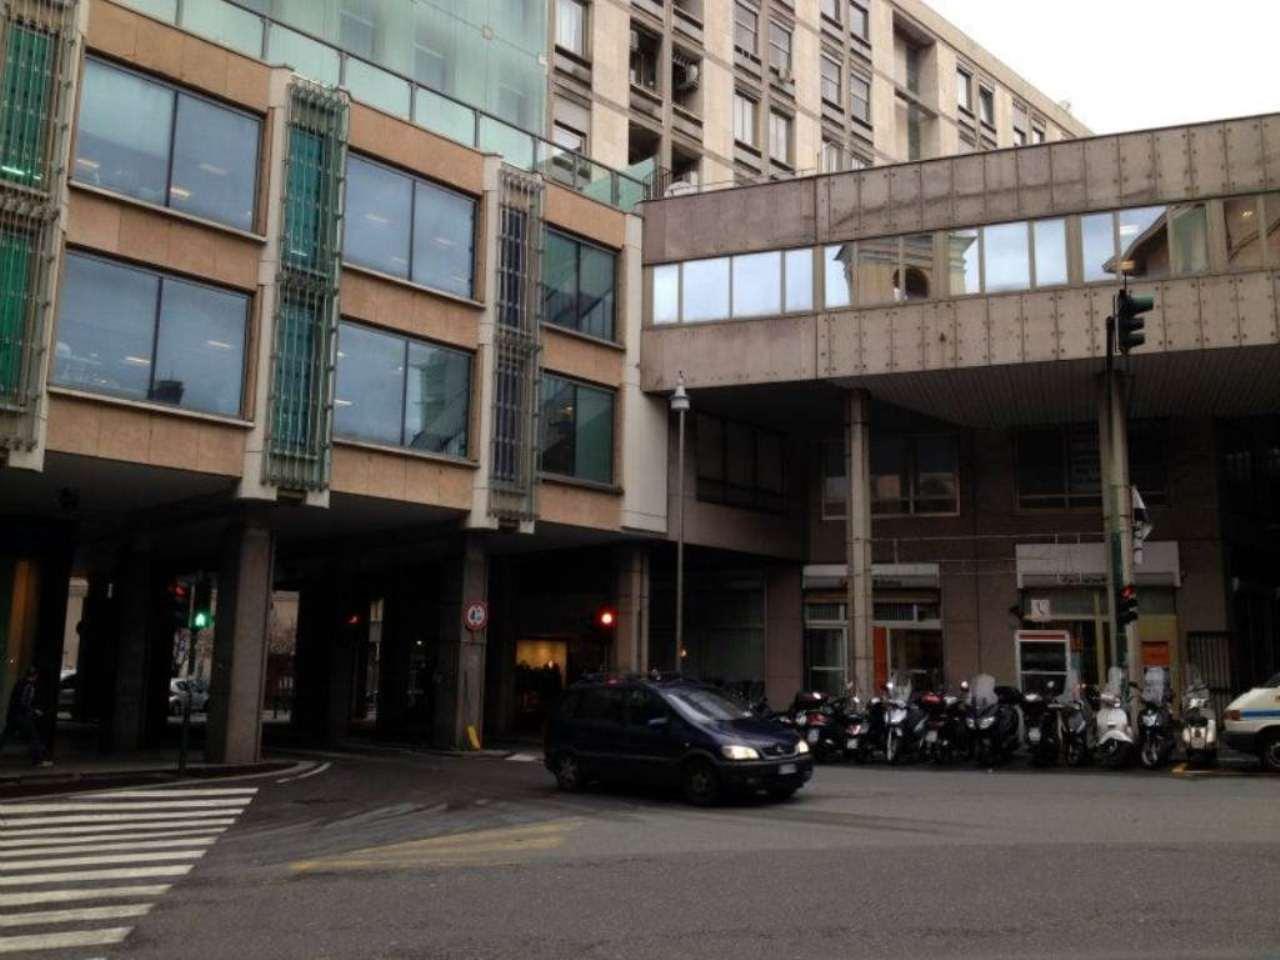 Ufficio / Studio in vendita a Genova, 9999 locali, zona Zona: 1 . Centro, Centro Storico, prezzo € 270.000 | Cambio Casa.it